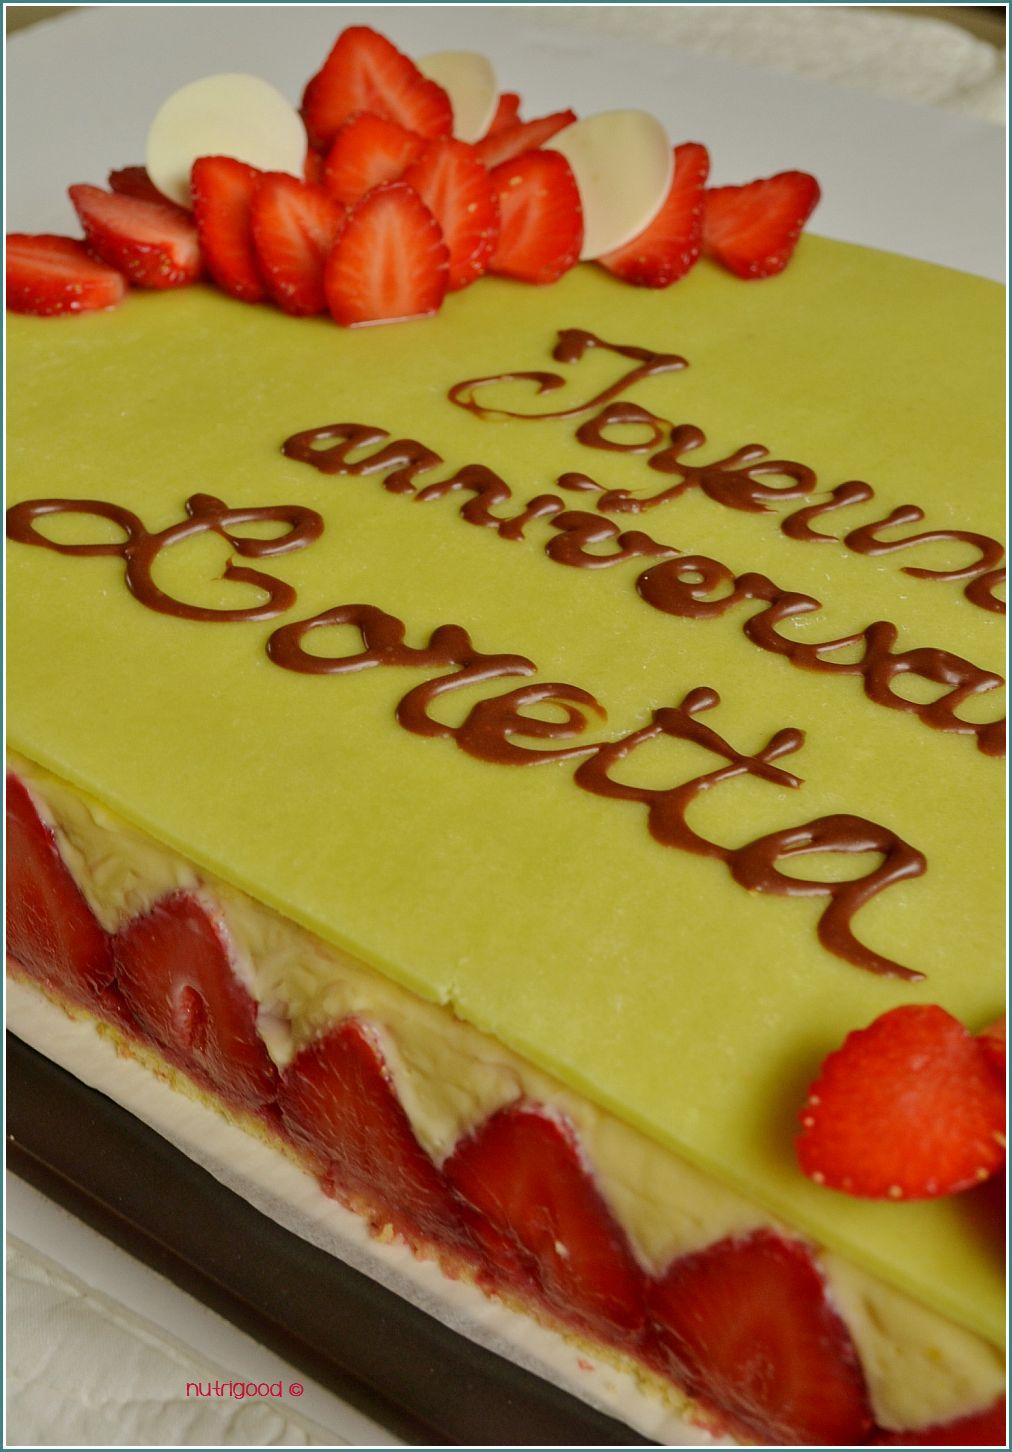 Un fraisier confectionné pour un anniversaire !